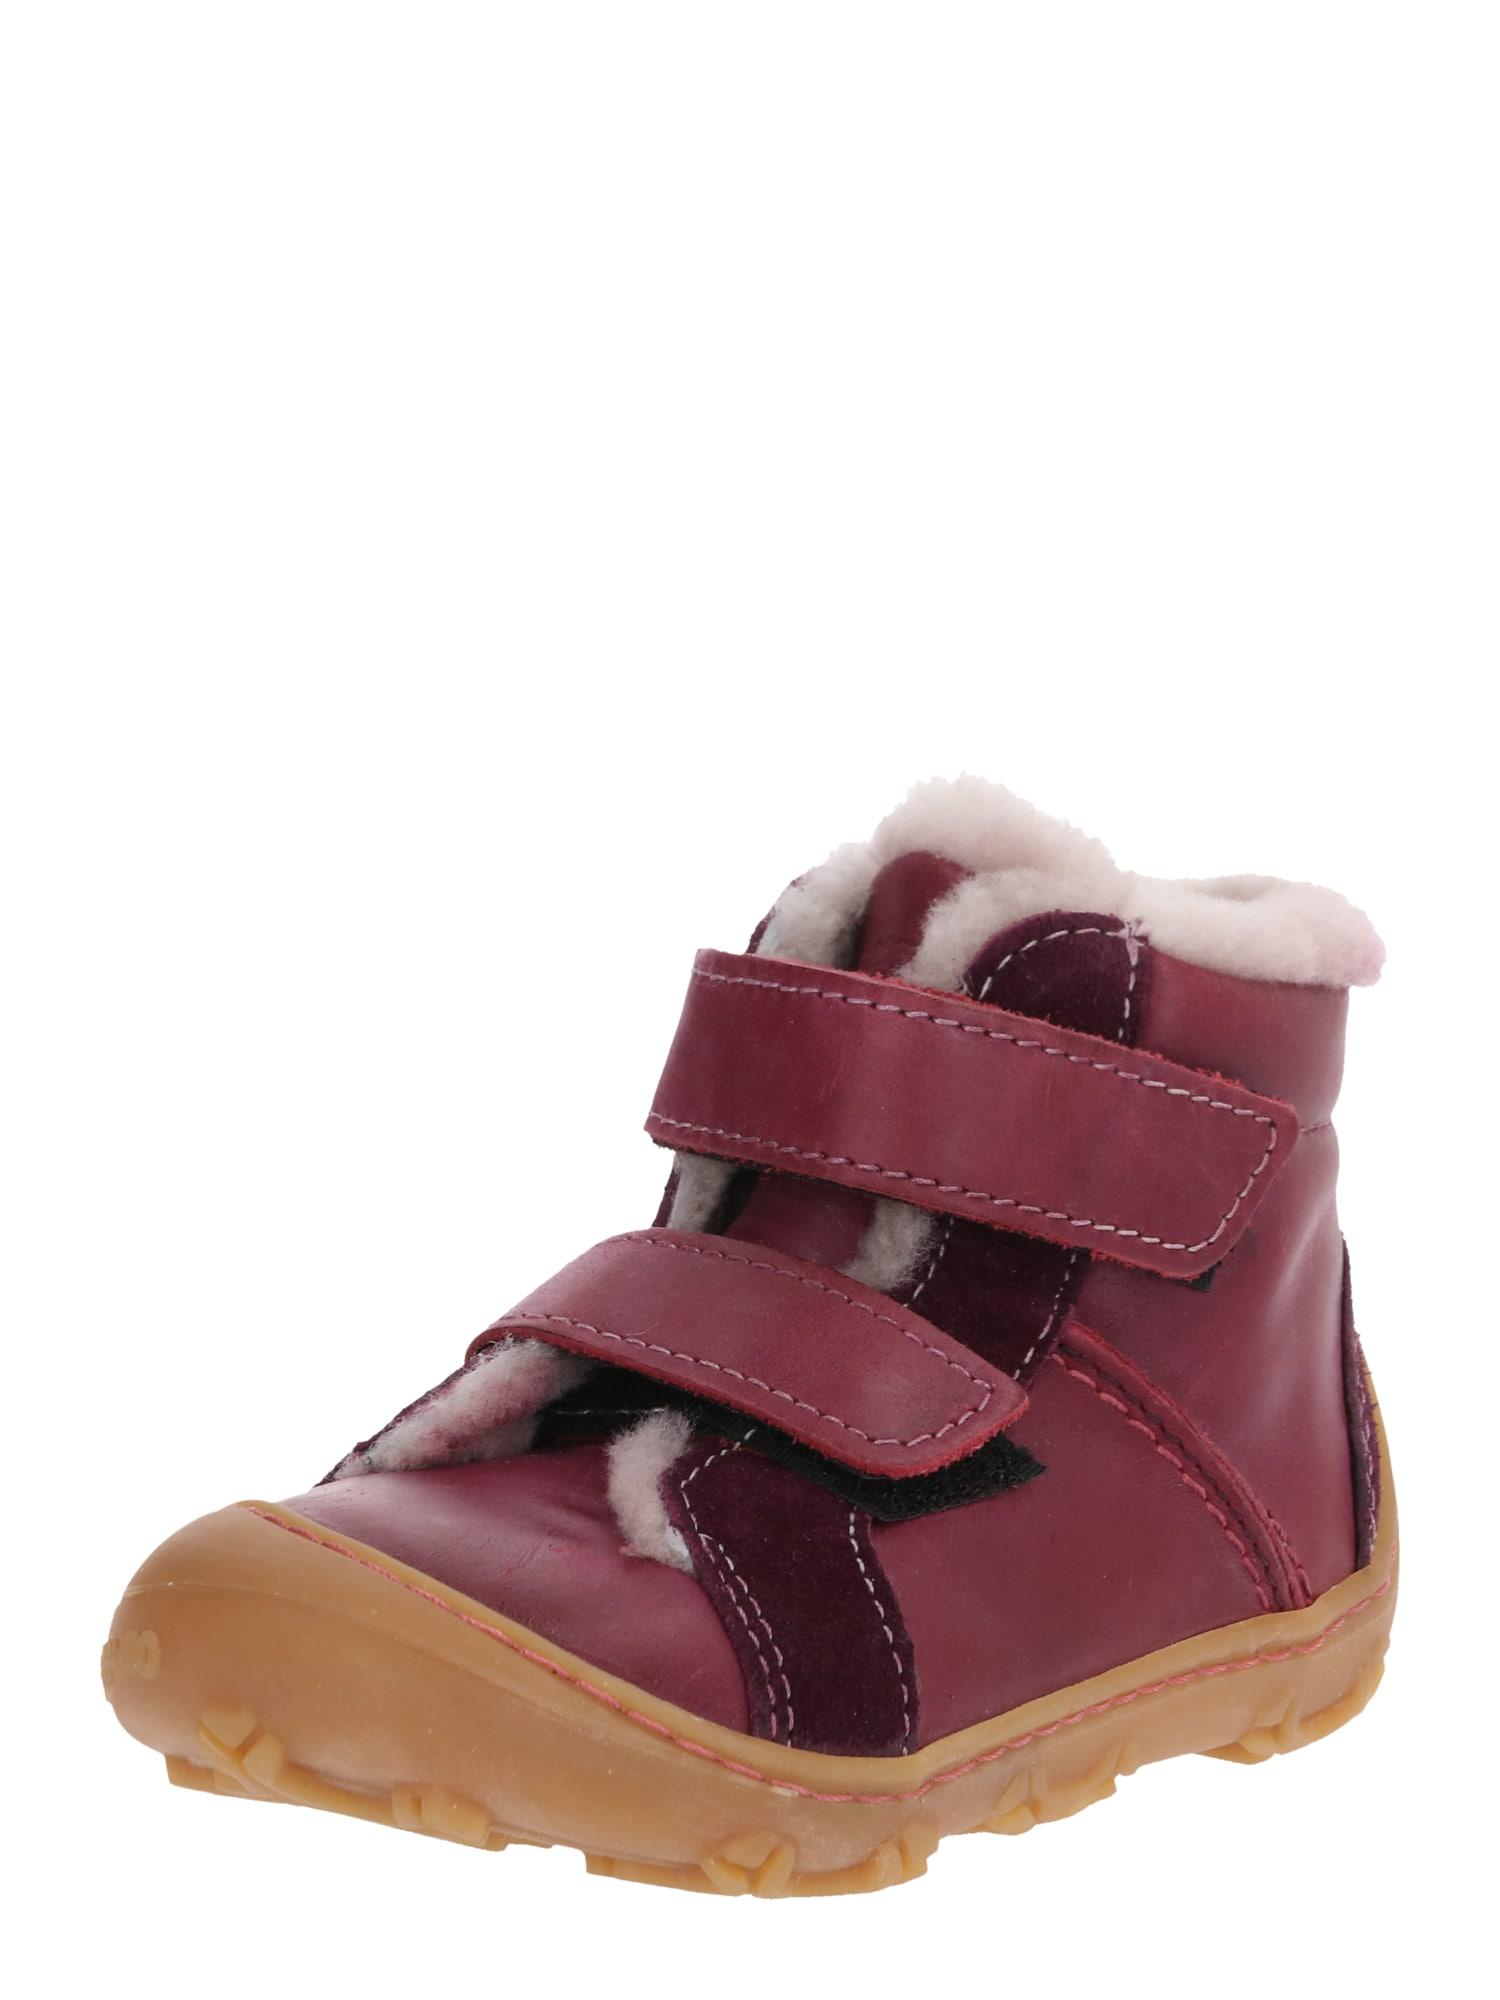 Pepino Pirmieji vaiko vaikščiojimo bateliai 'LIAS' skaisti avietinė ar rubino spalva